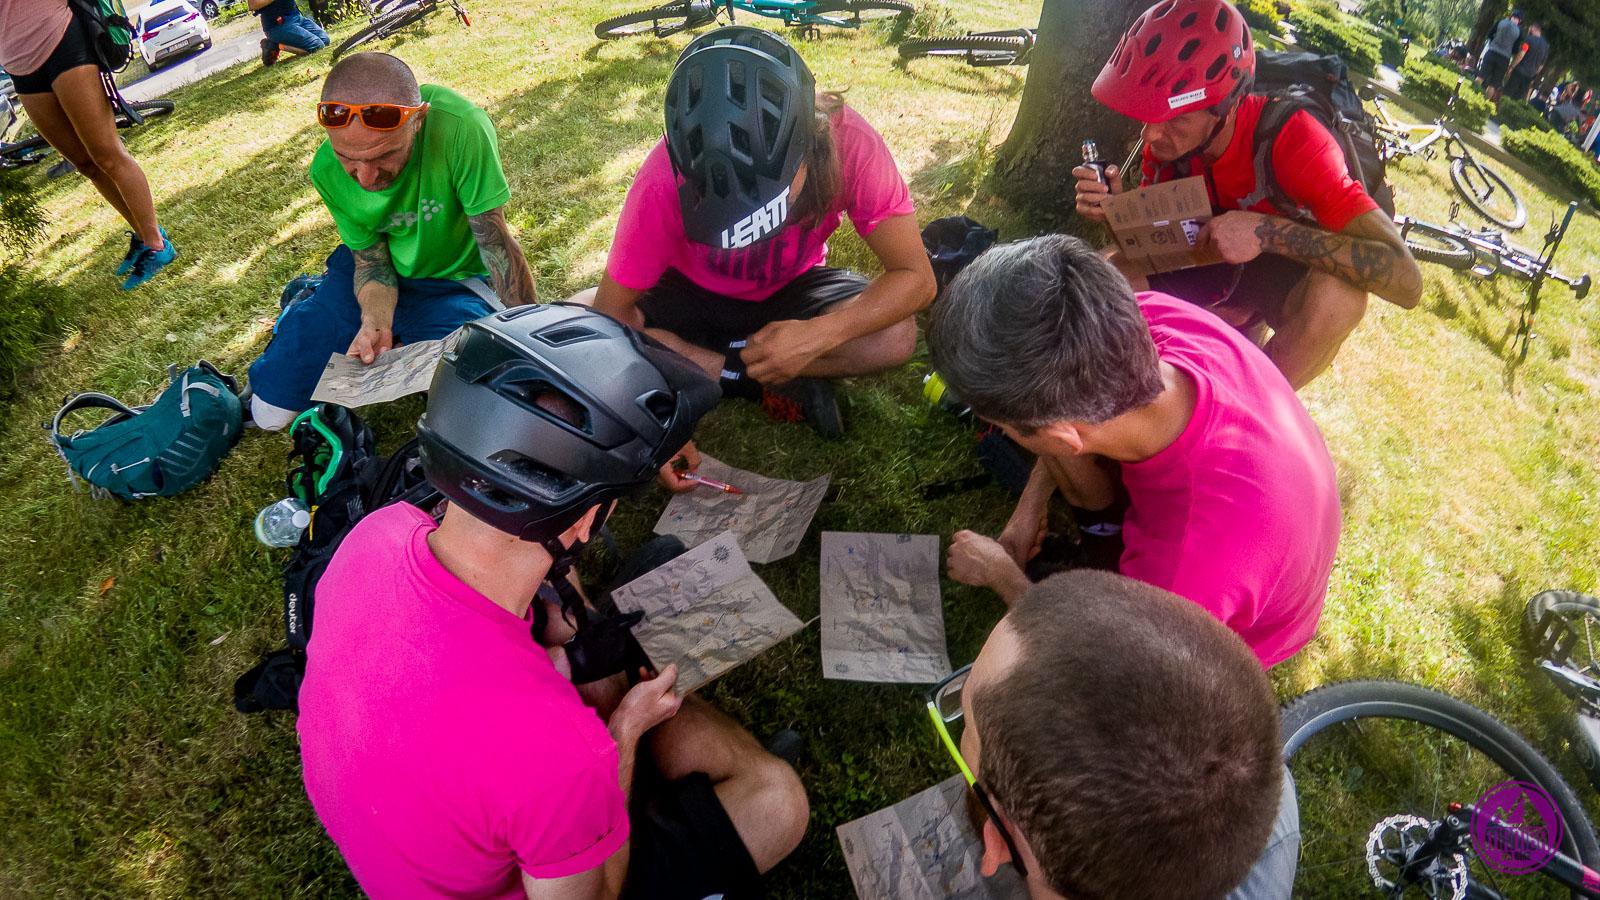 Bravo Bike czytają mapę